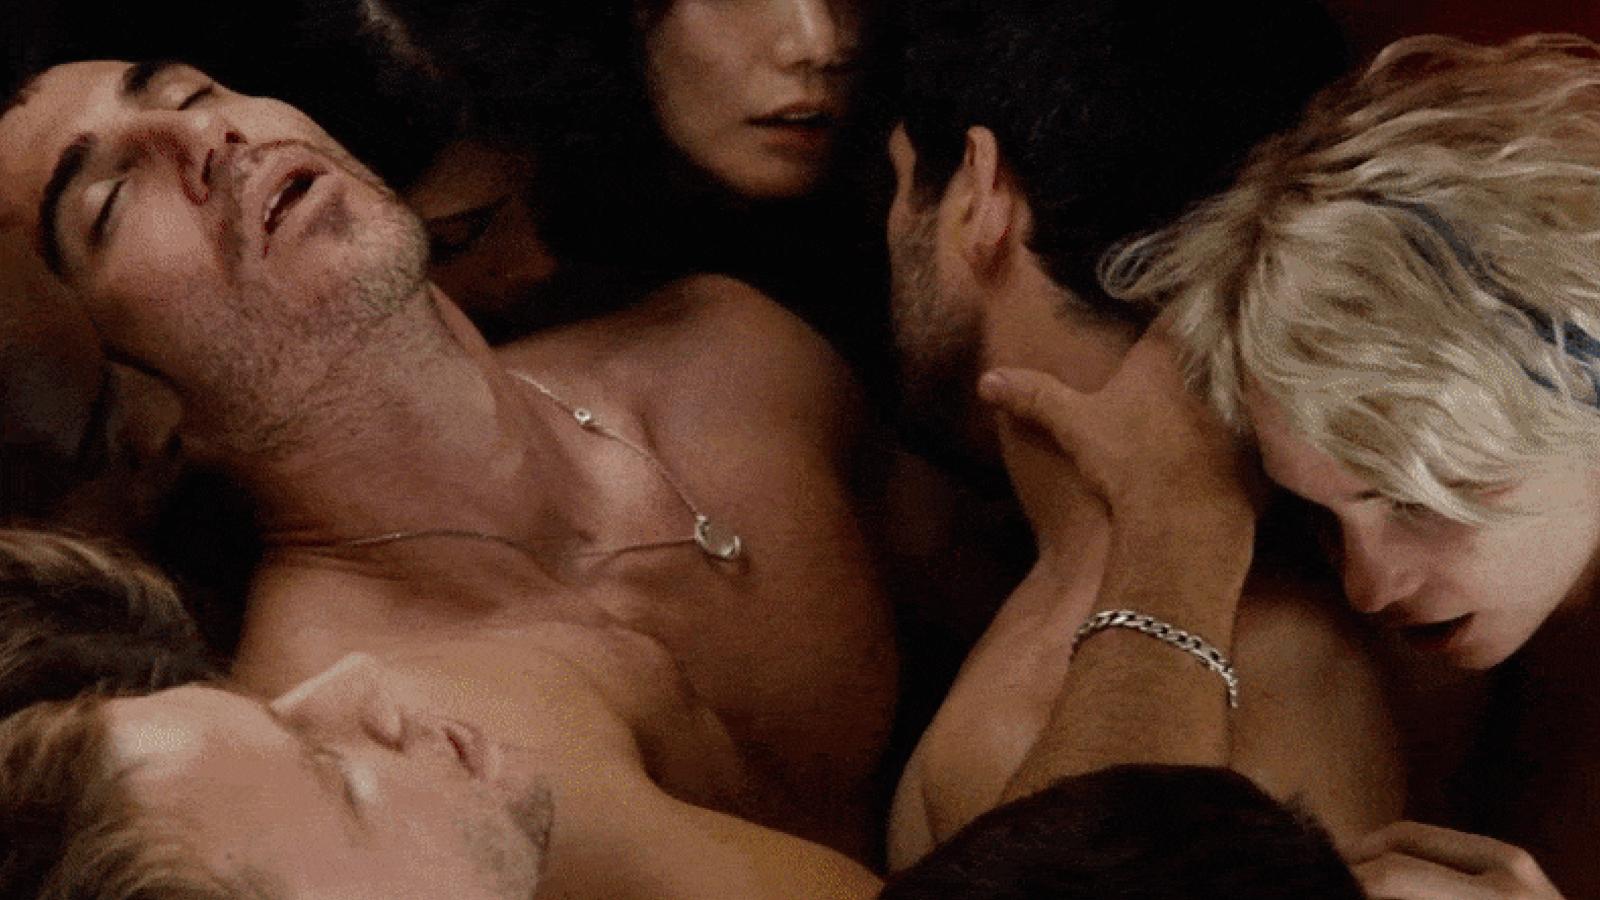 Sense8'teki Tüm Seks Sahnelerini Sizin İçin Sıraladık!